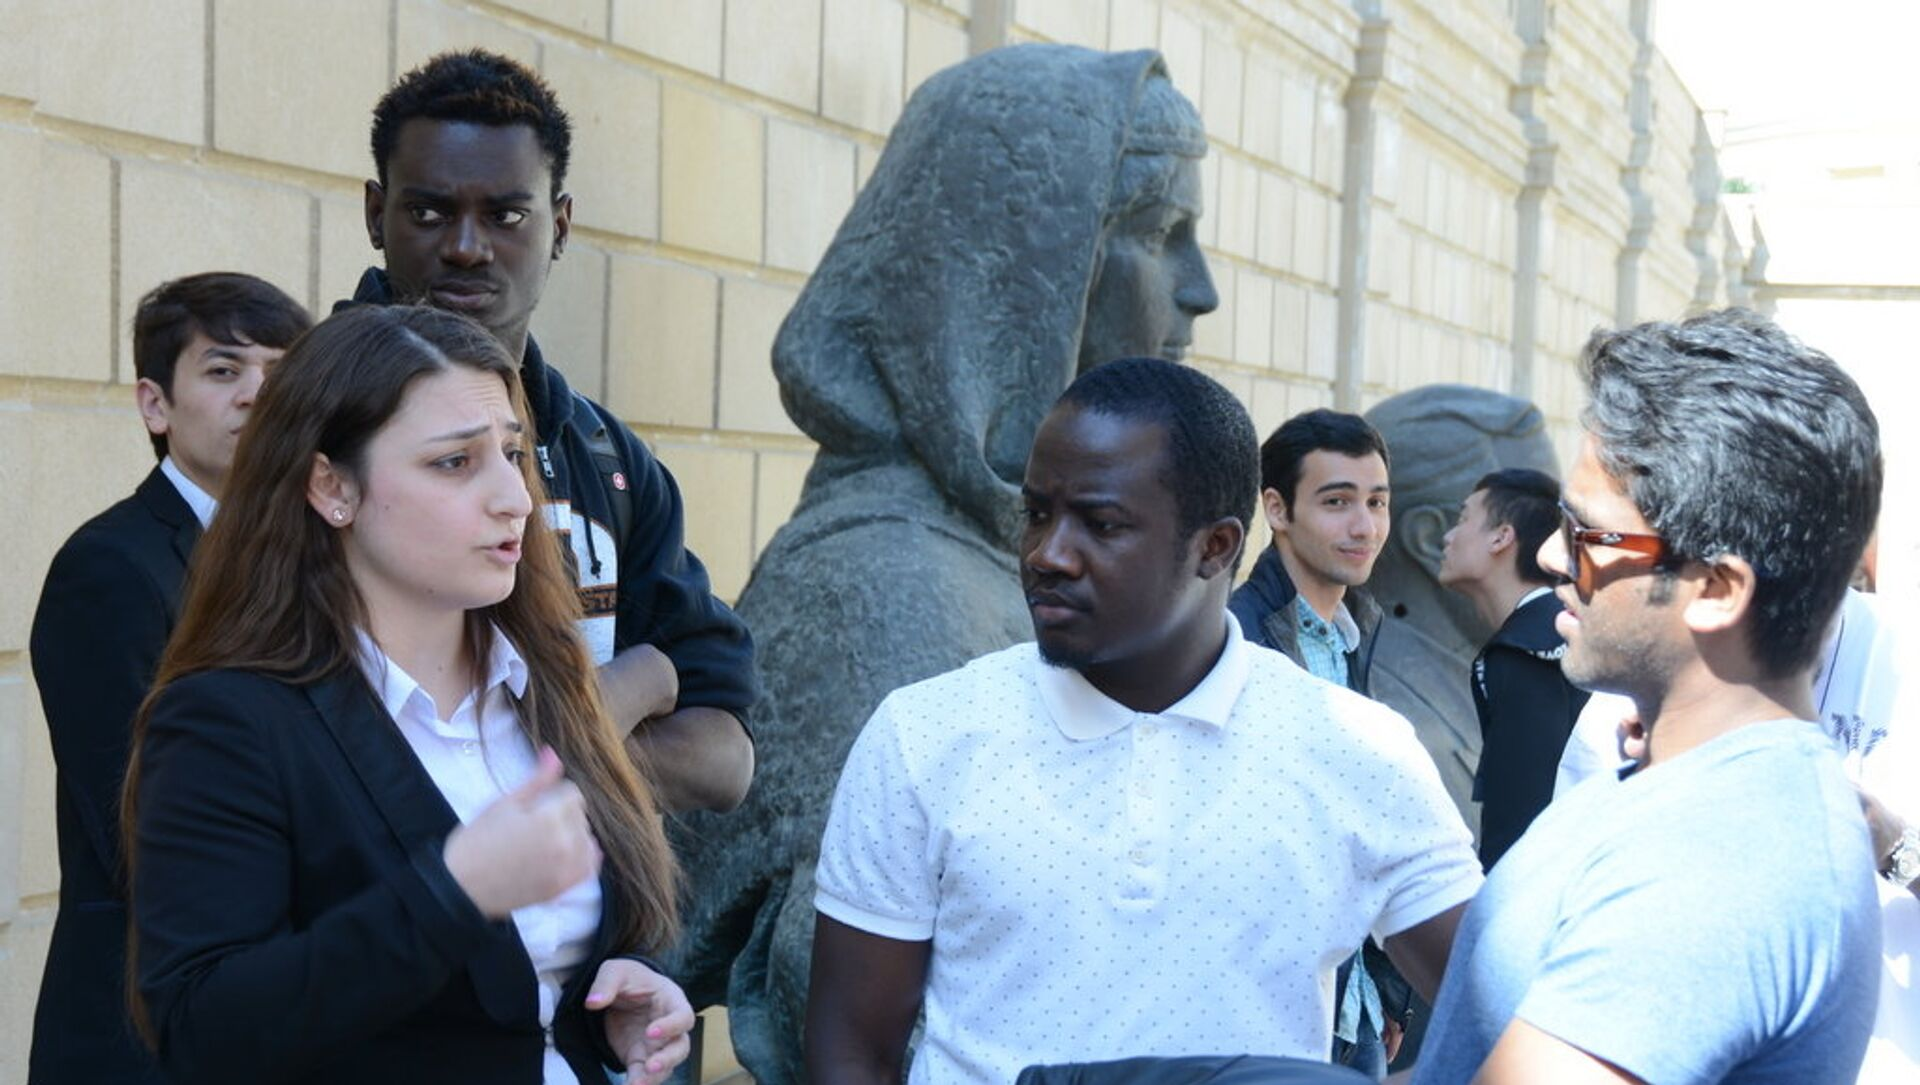 Студенты-иностранцы UNEC посетили Расстрелянные памятники в саду Национального музея искусств. - Sputnik Azərbaycan, 1920, 17.09.2021